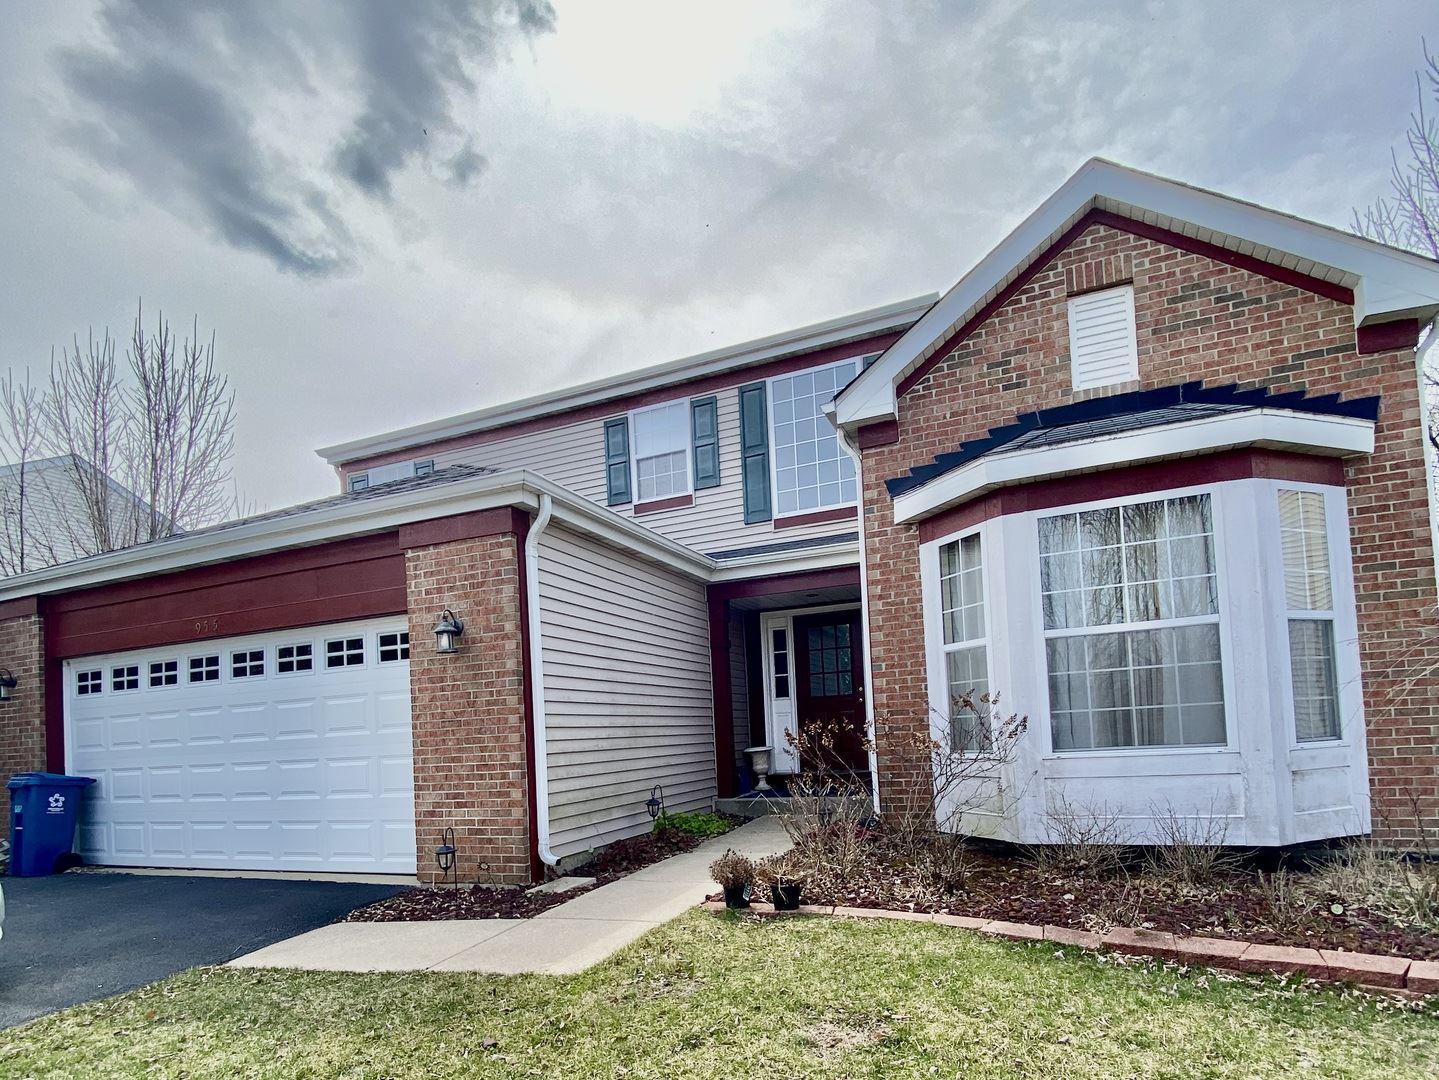 955 Summerhill Drive, Aurora, IL 60506 - #: 11046117